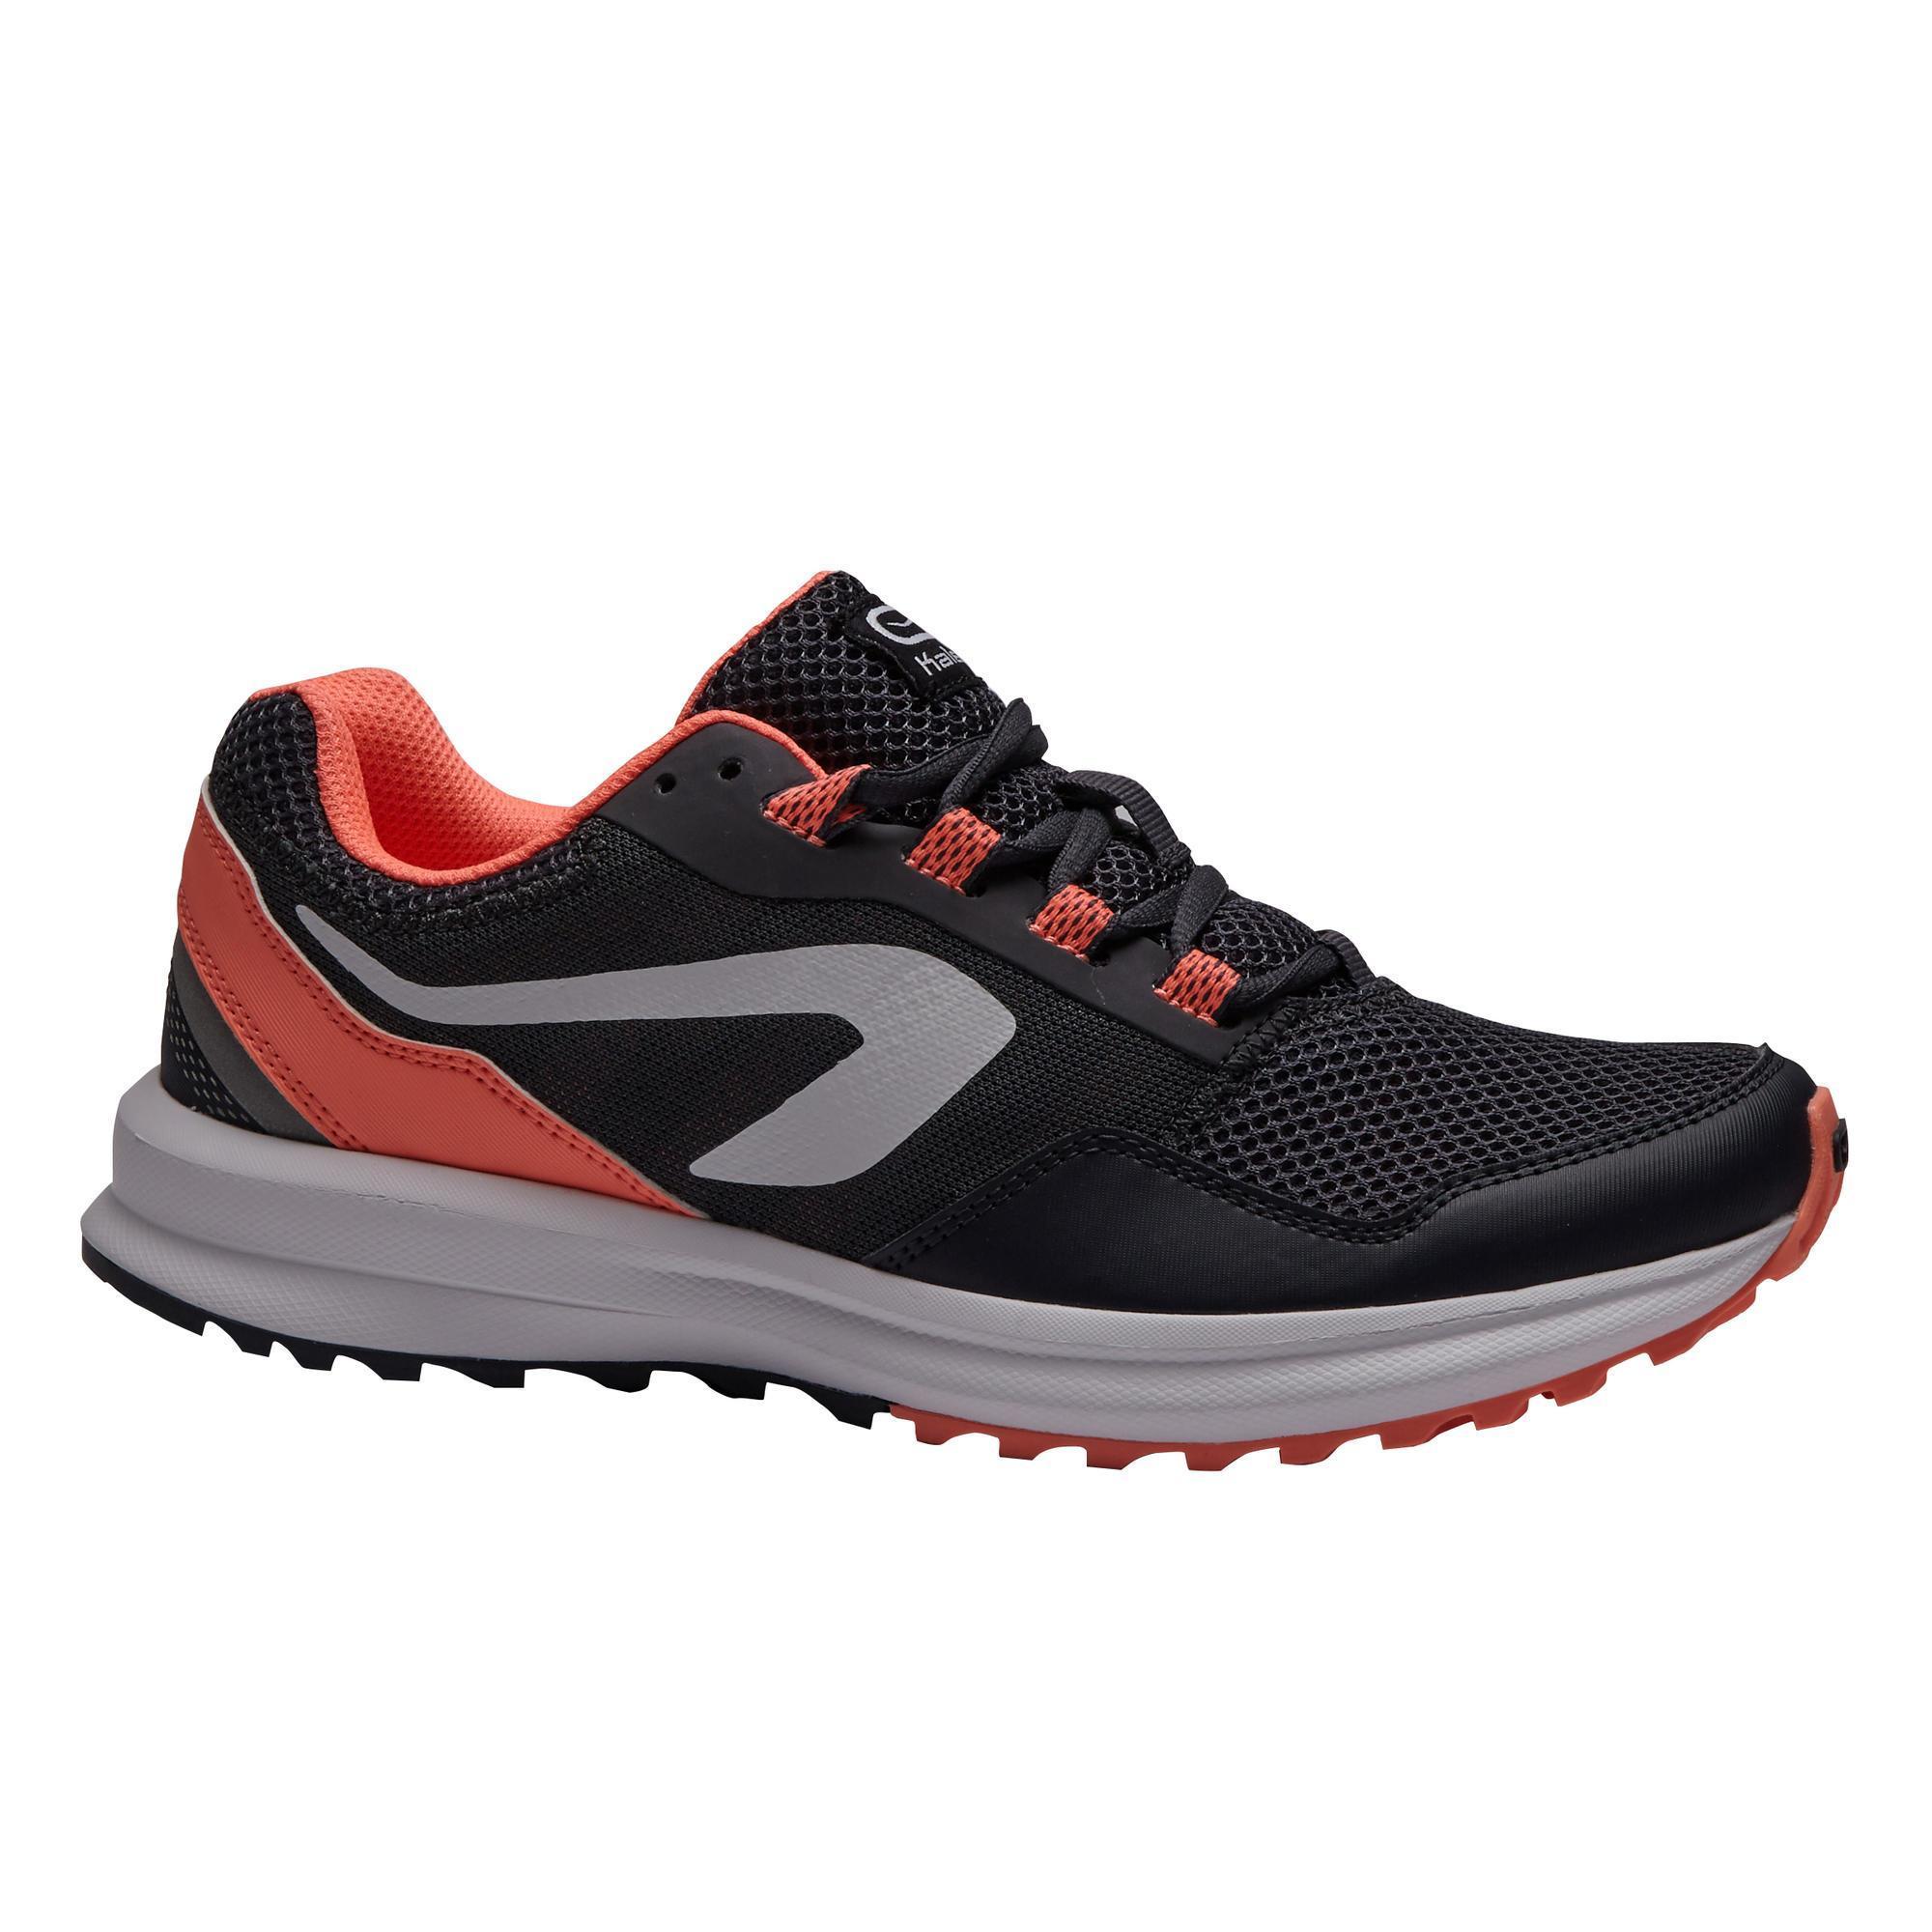 2d9e02de636 Comprar Zapatillas Deportivas de Mujer Online | Decathlon